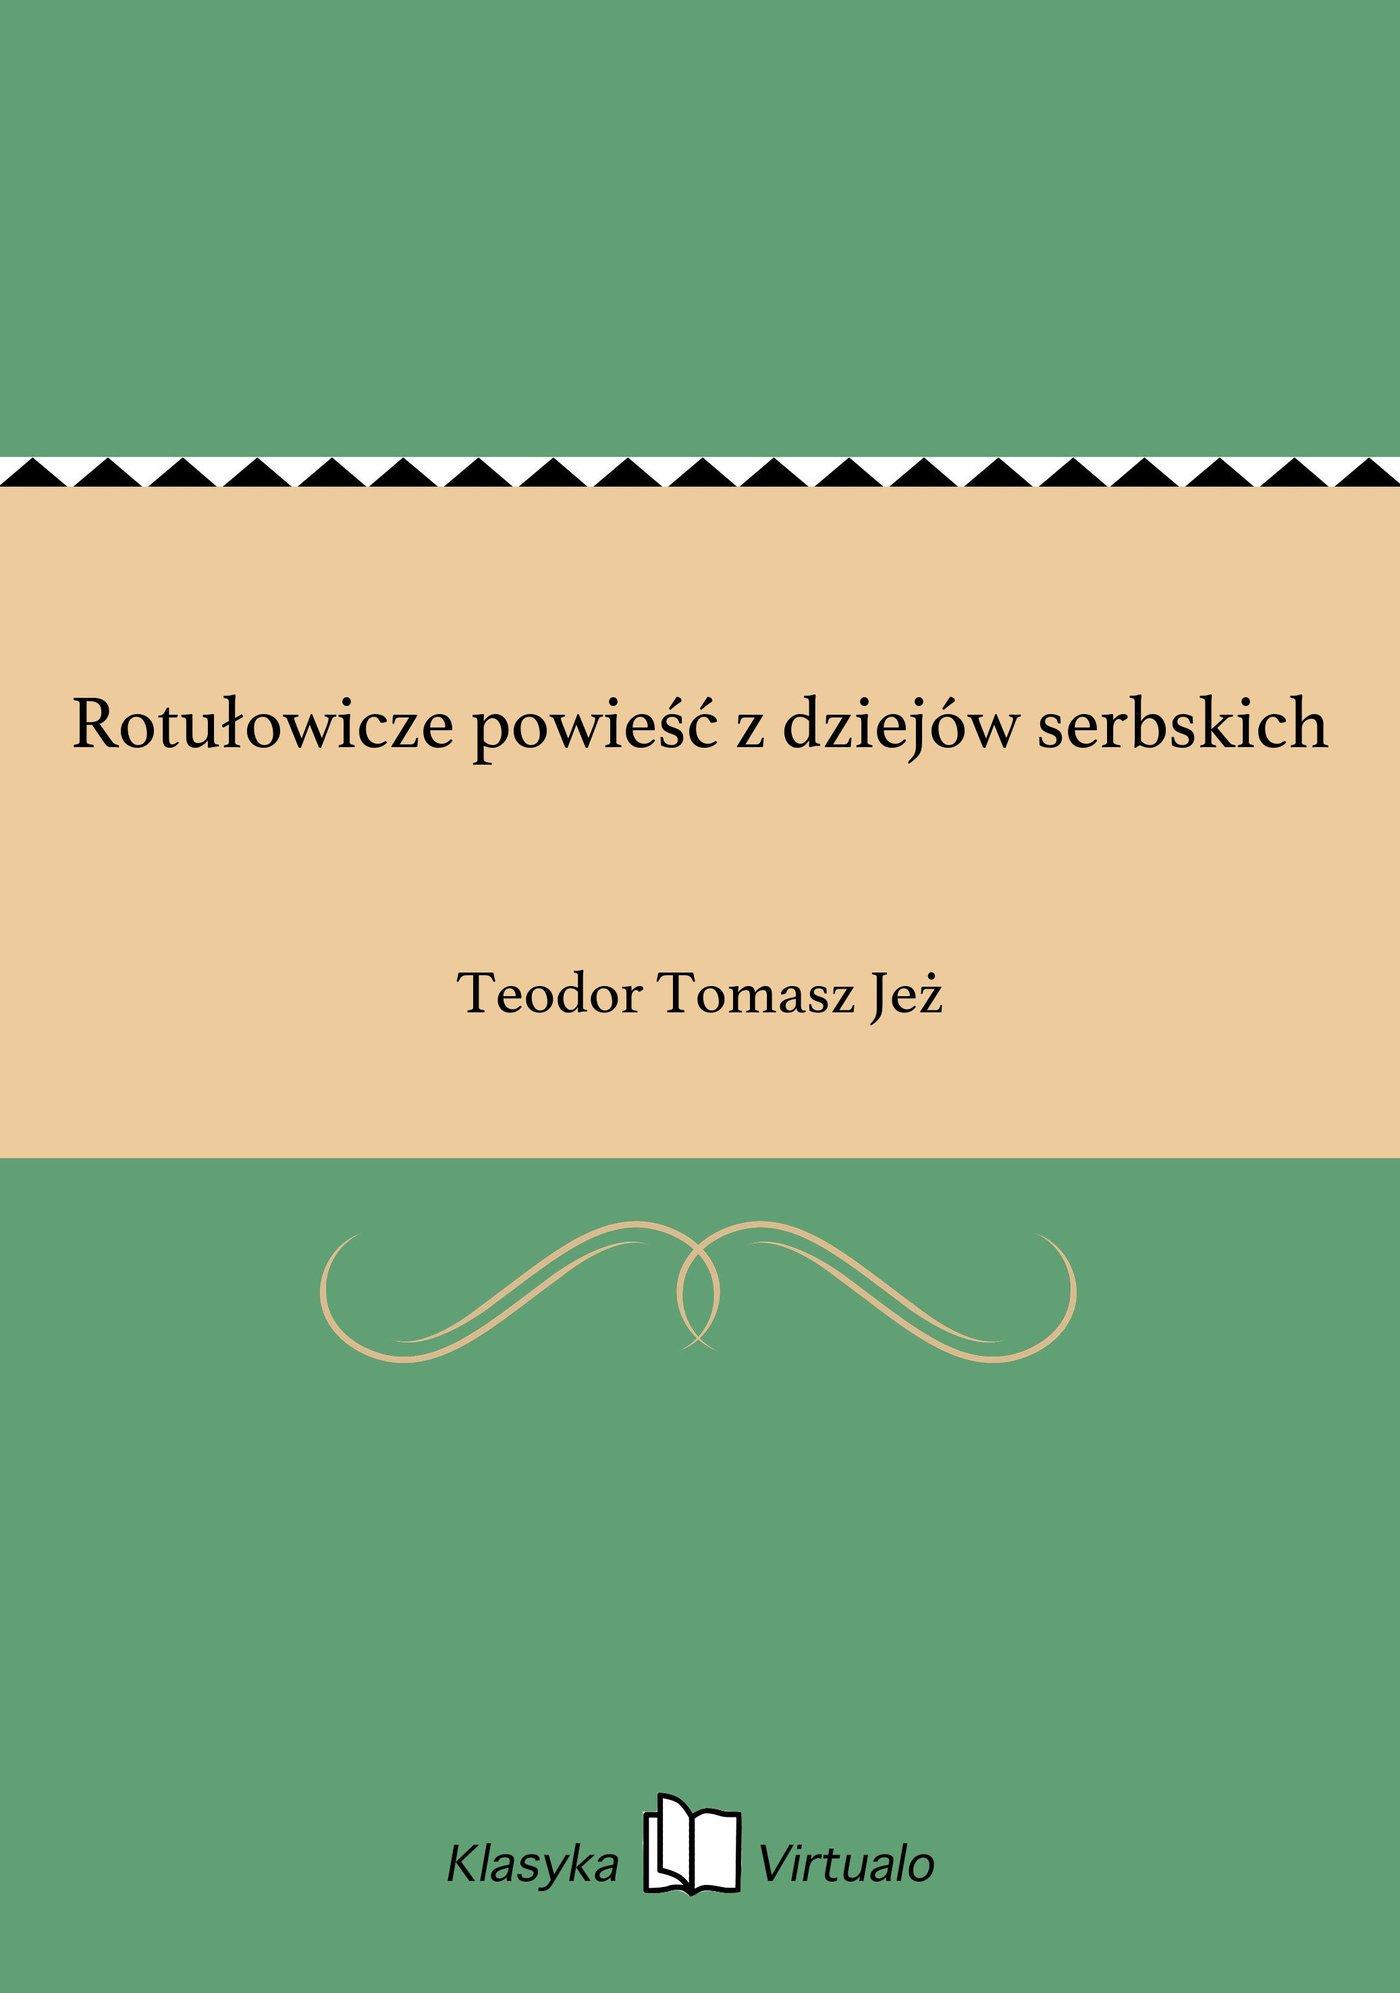 Rotułowicze powieść z dziejów serbskich - Ebook (Książka EPUB) do pobrania w formacie EPUB